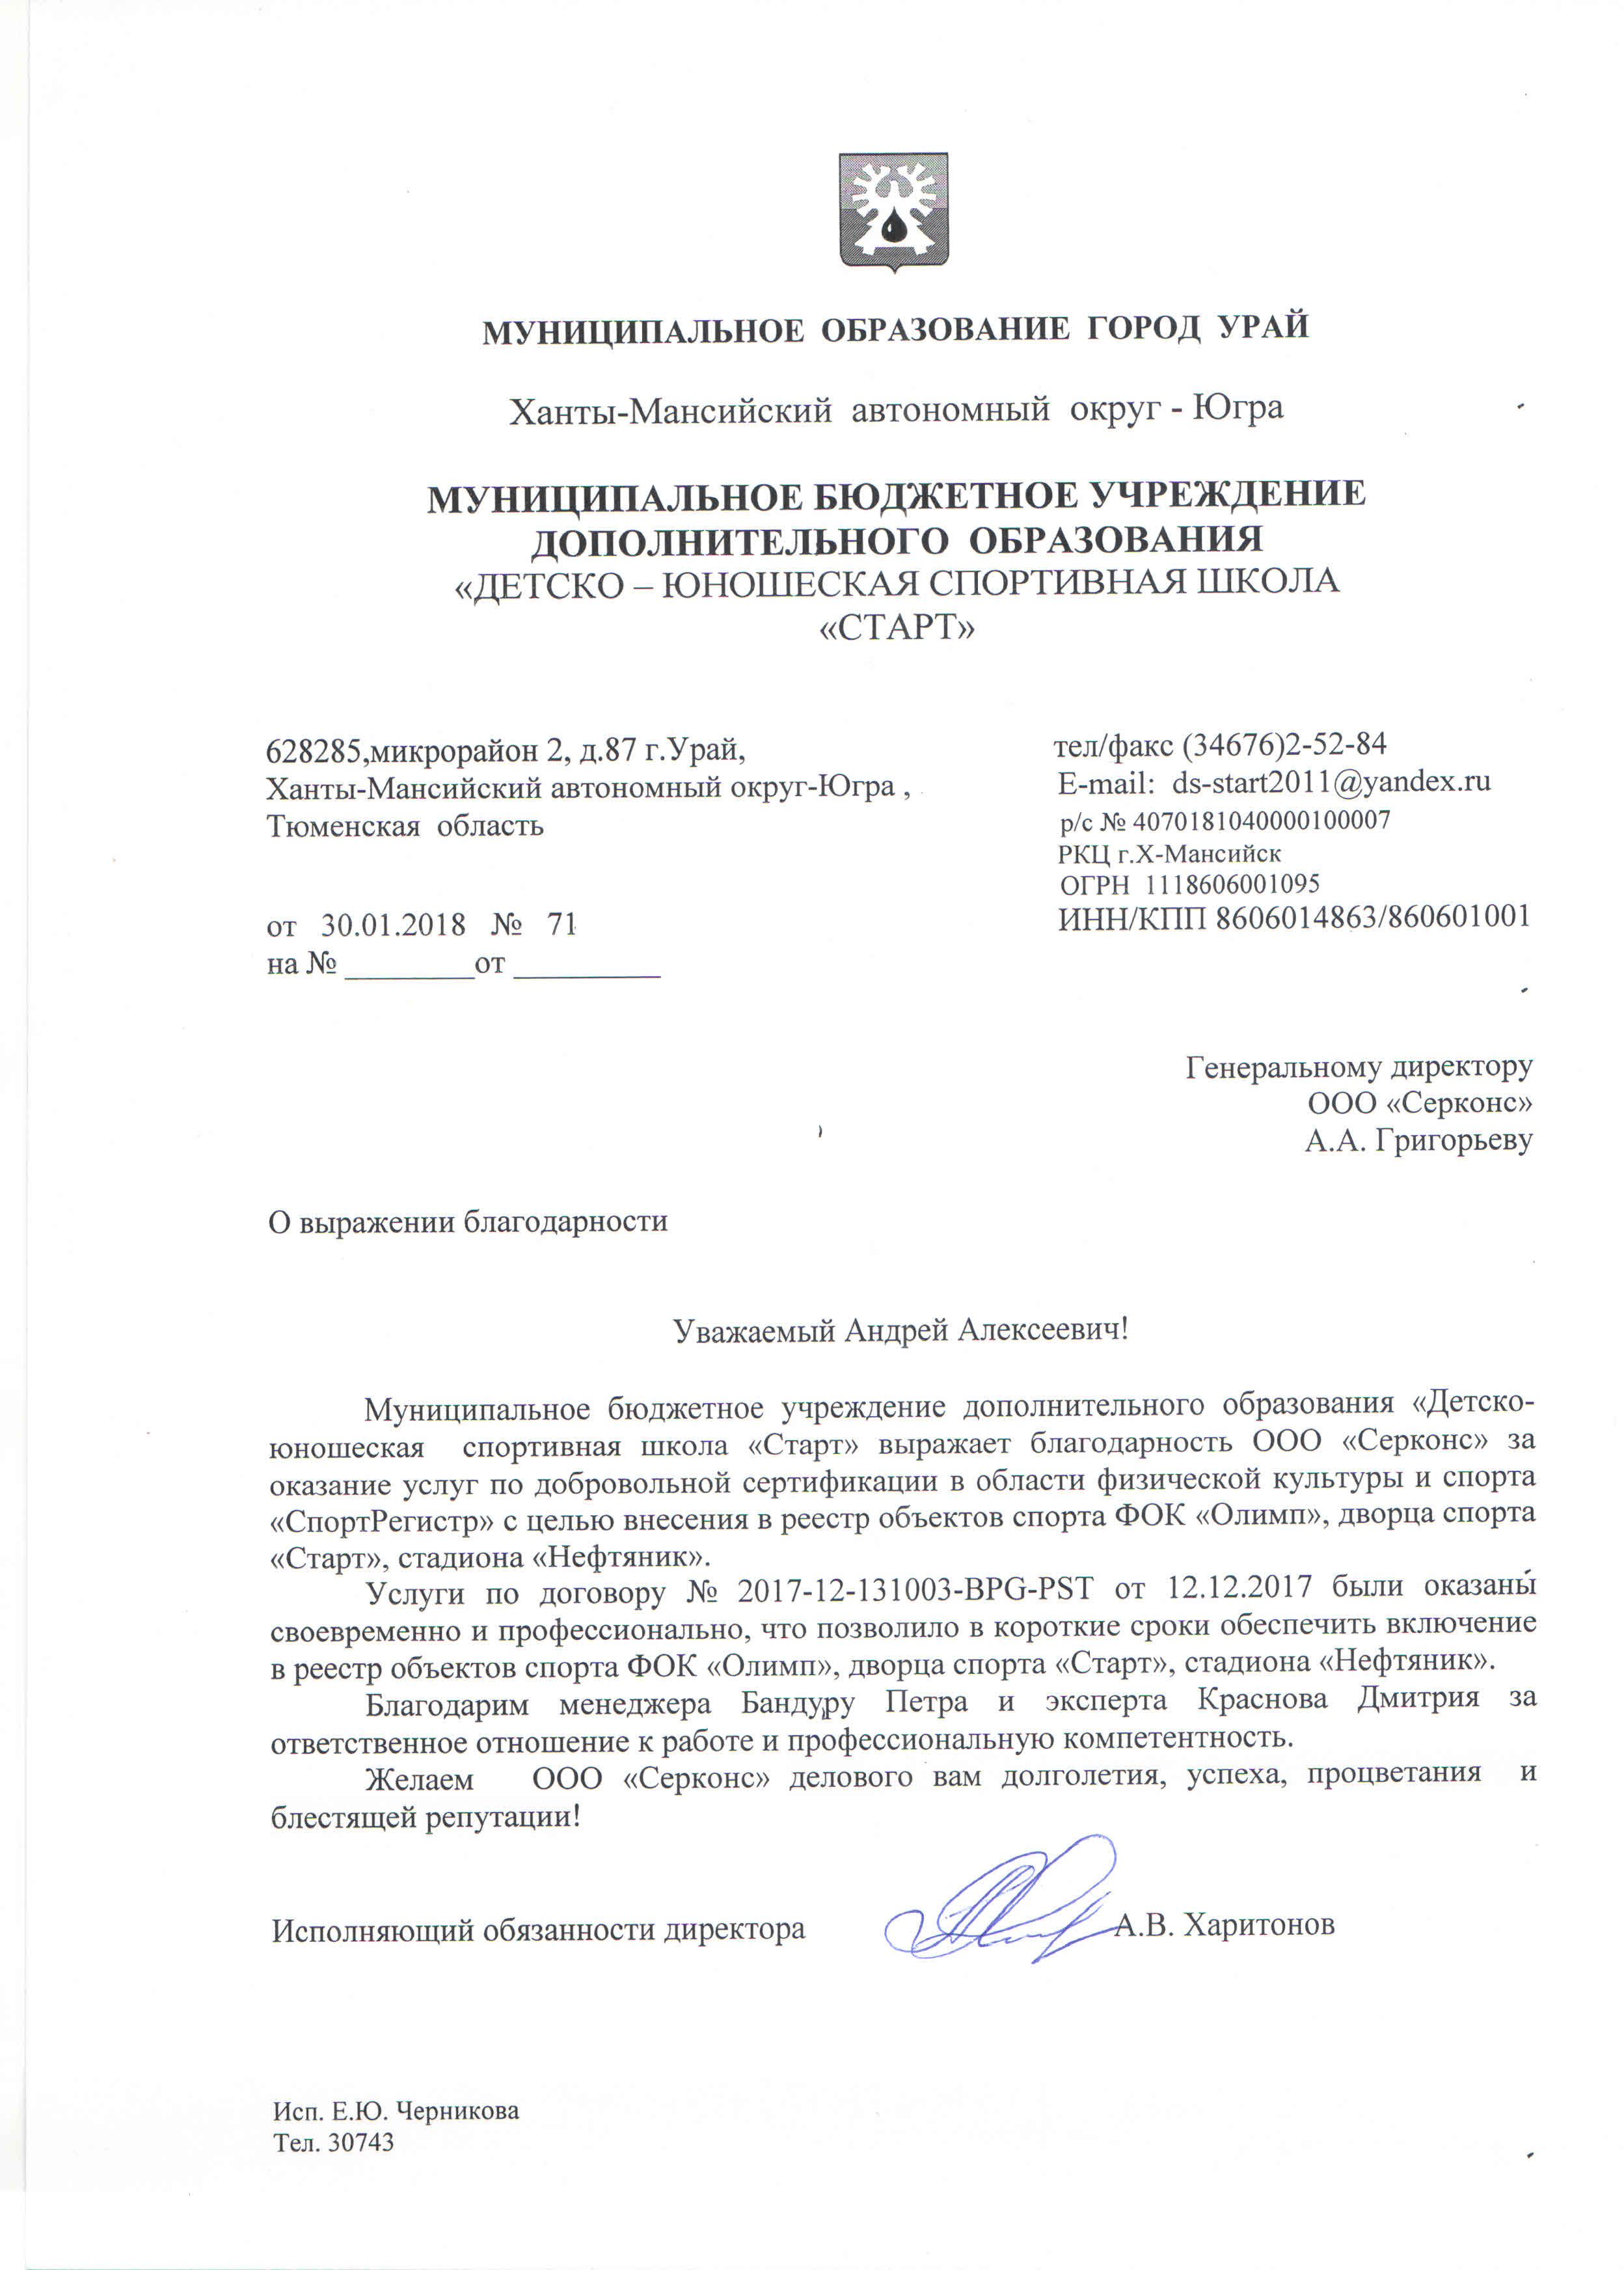 Каталог спортивных товаров санкт петербурга